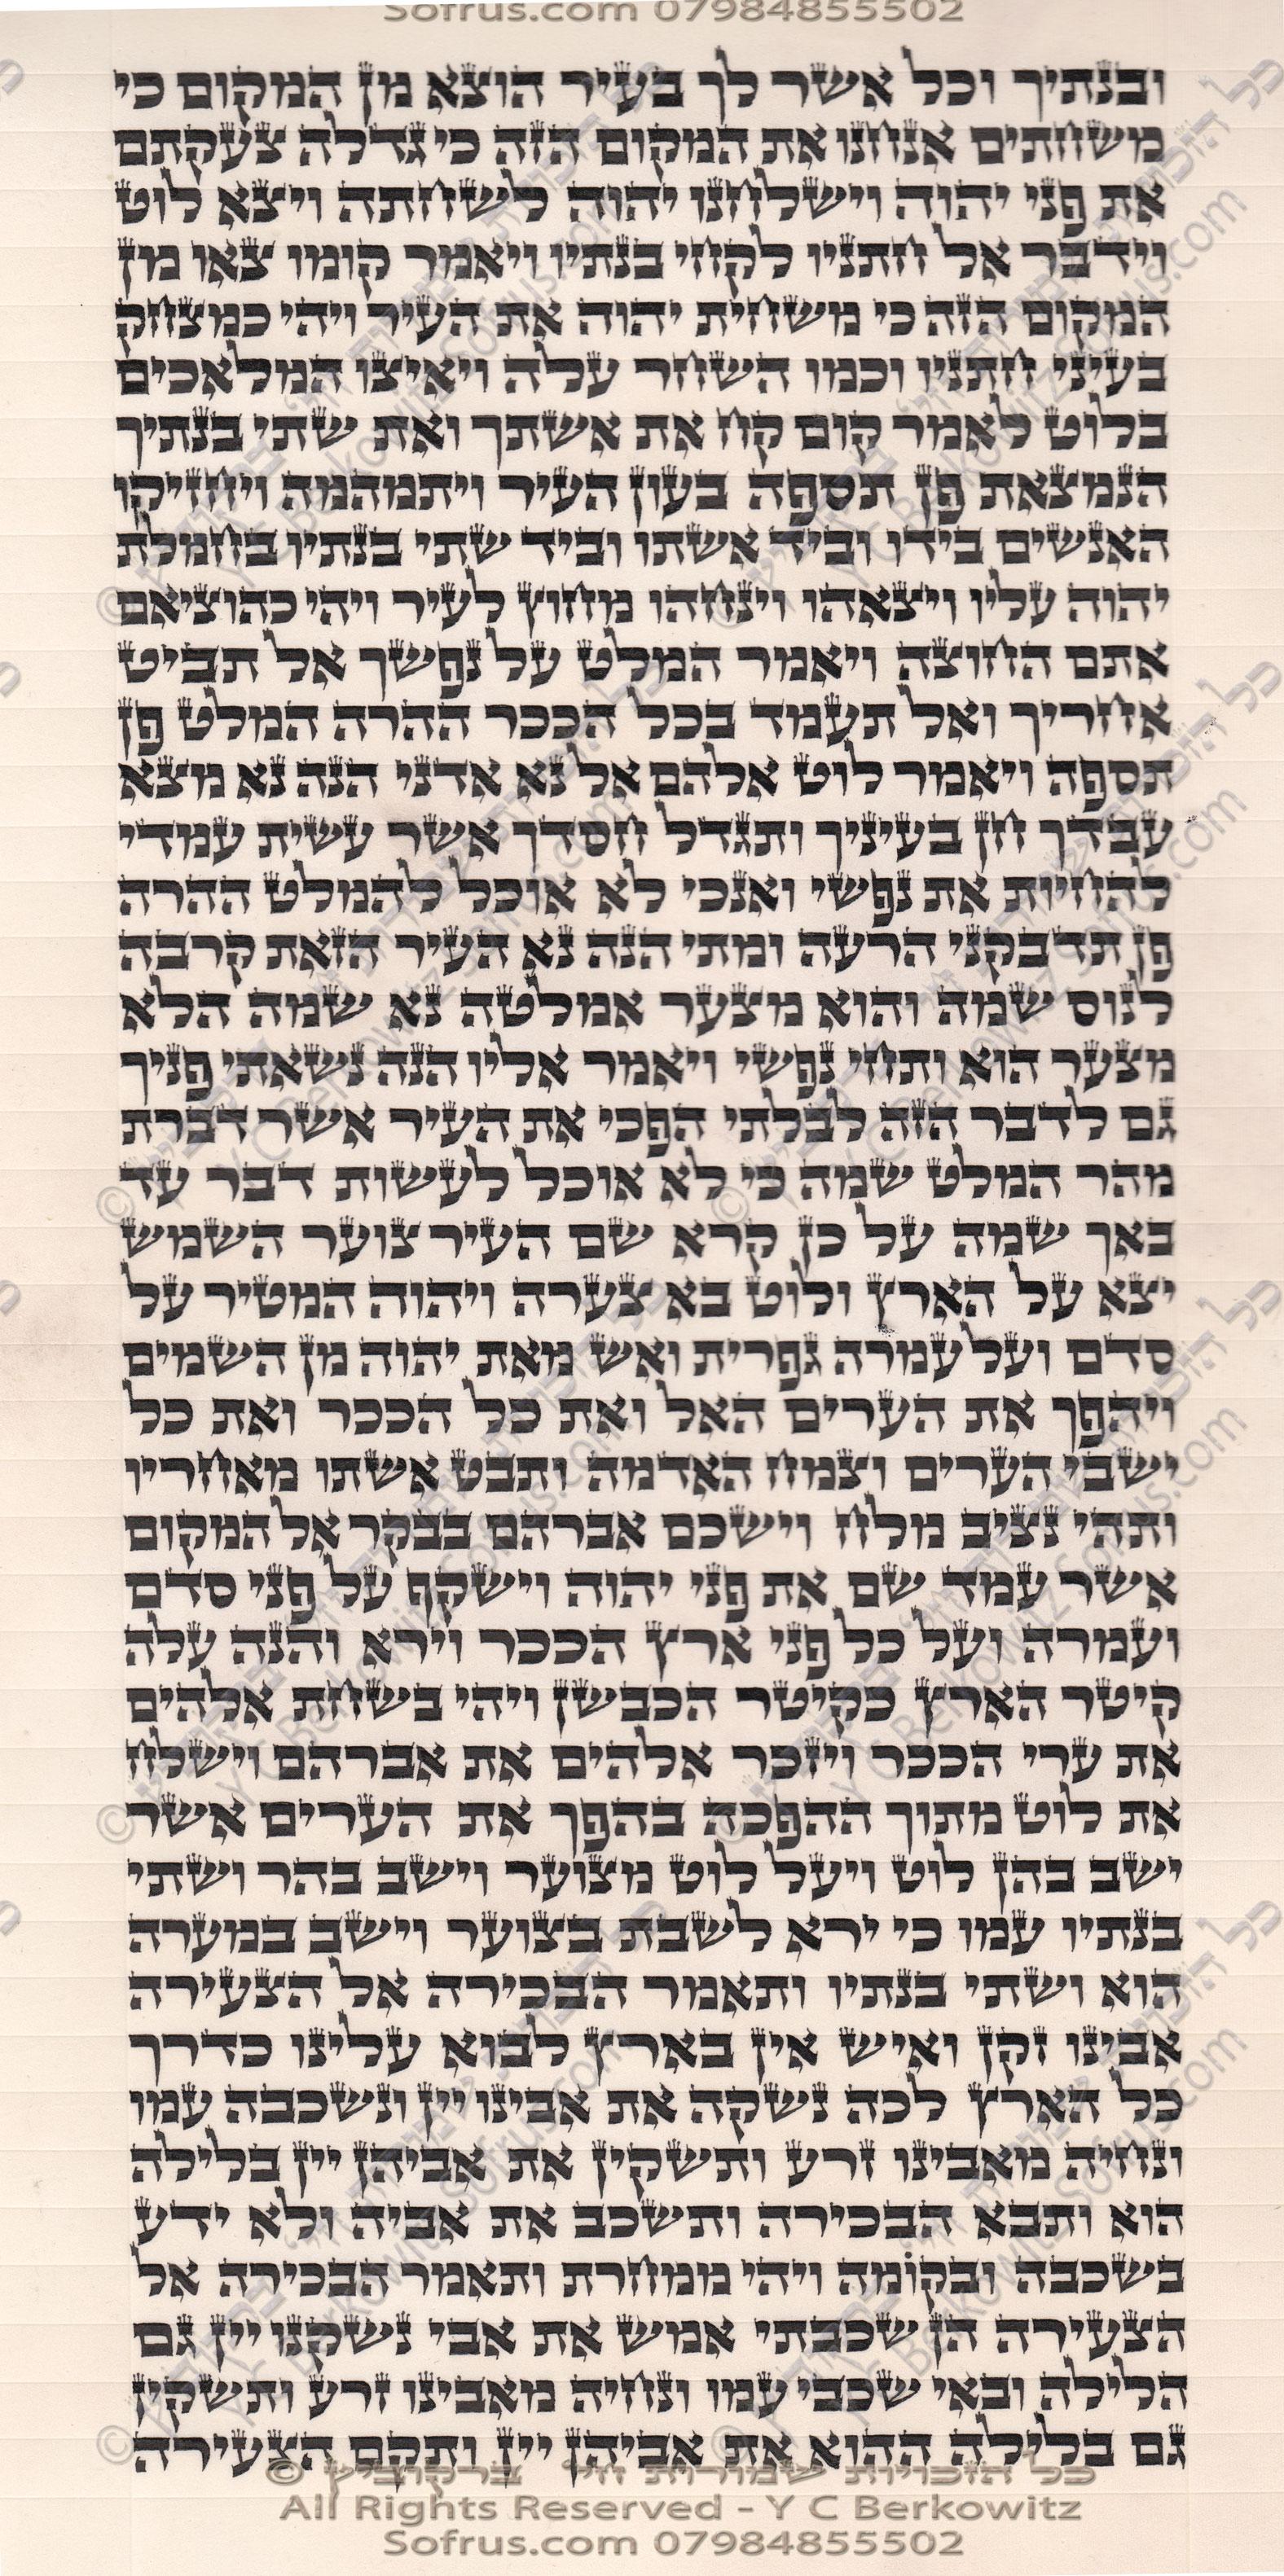 sefer-torah-19-vayero